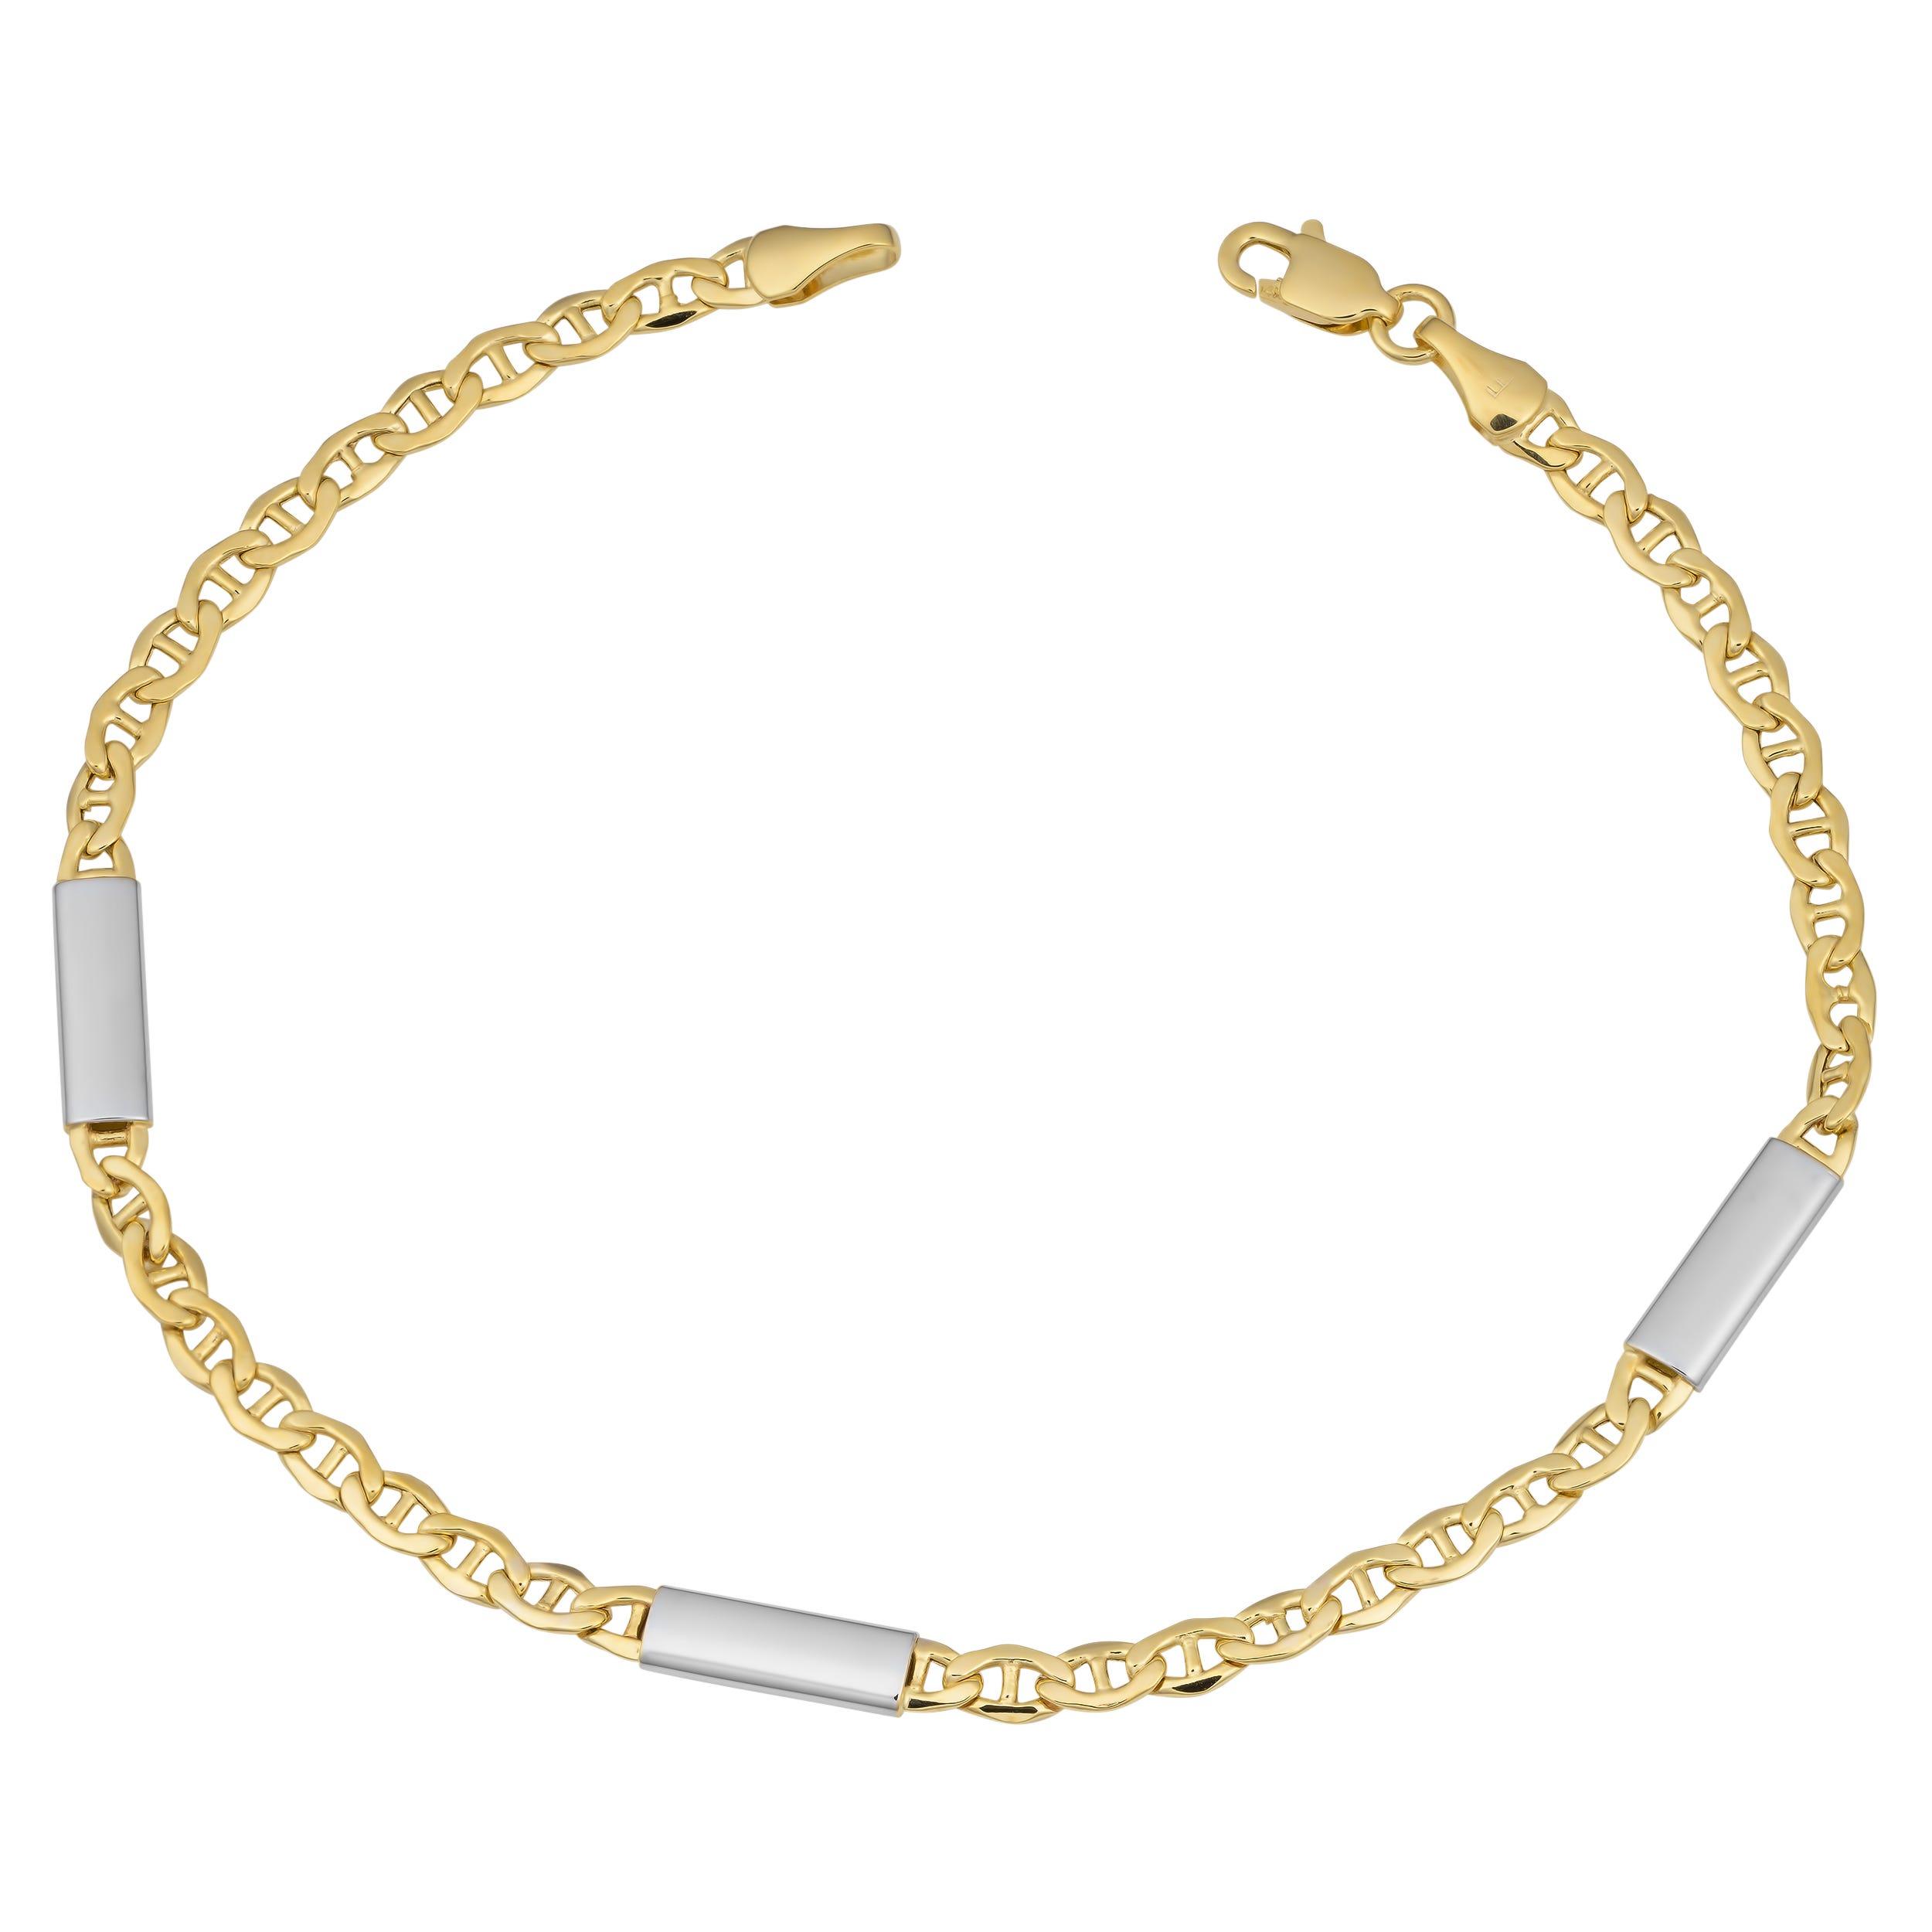 Gold Bar Station on Mariner Link Bracelet in 14k Gold 8